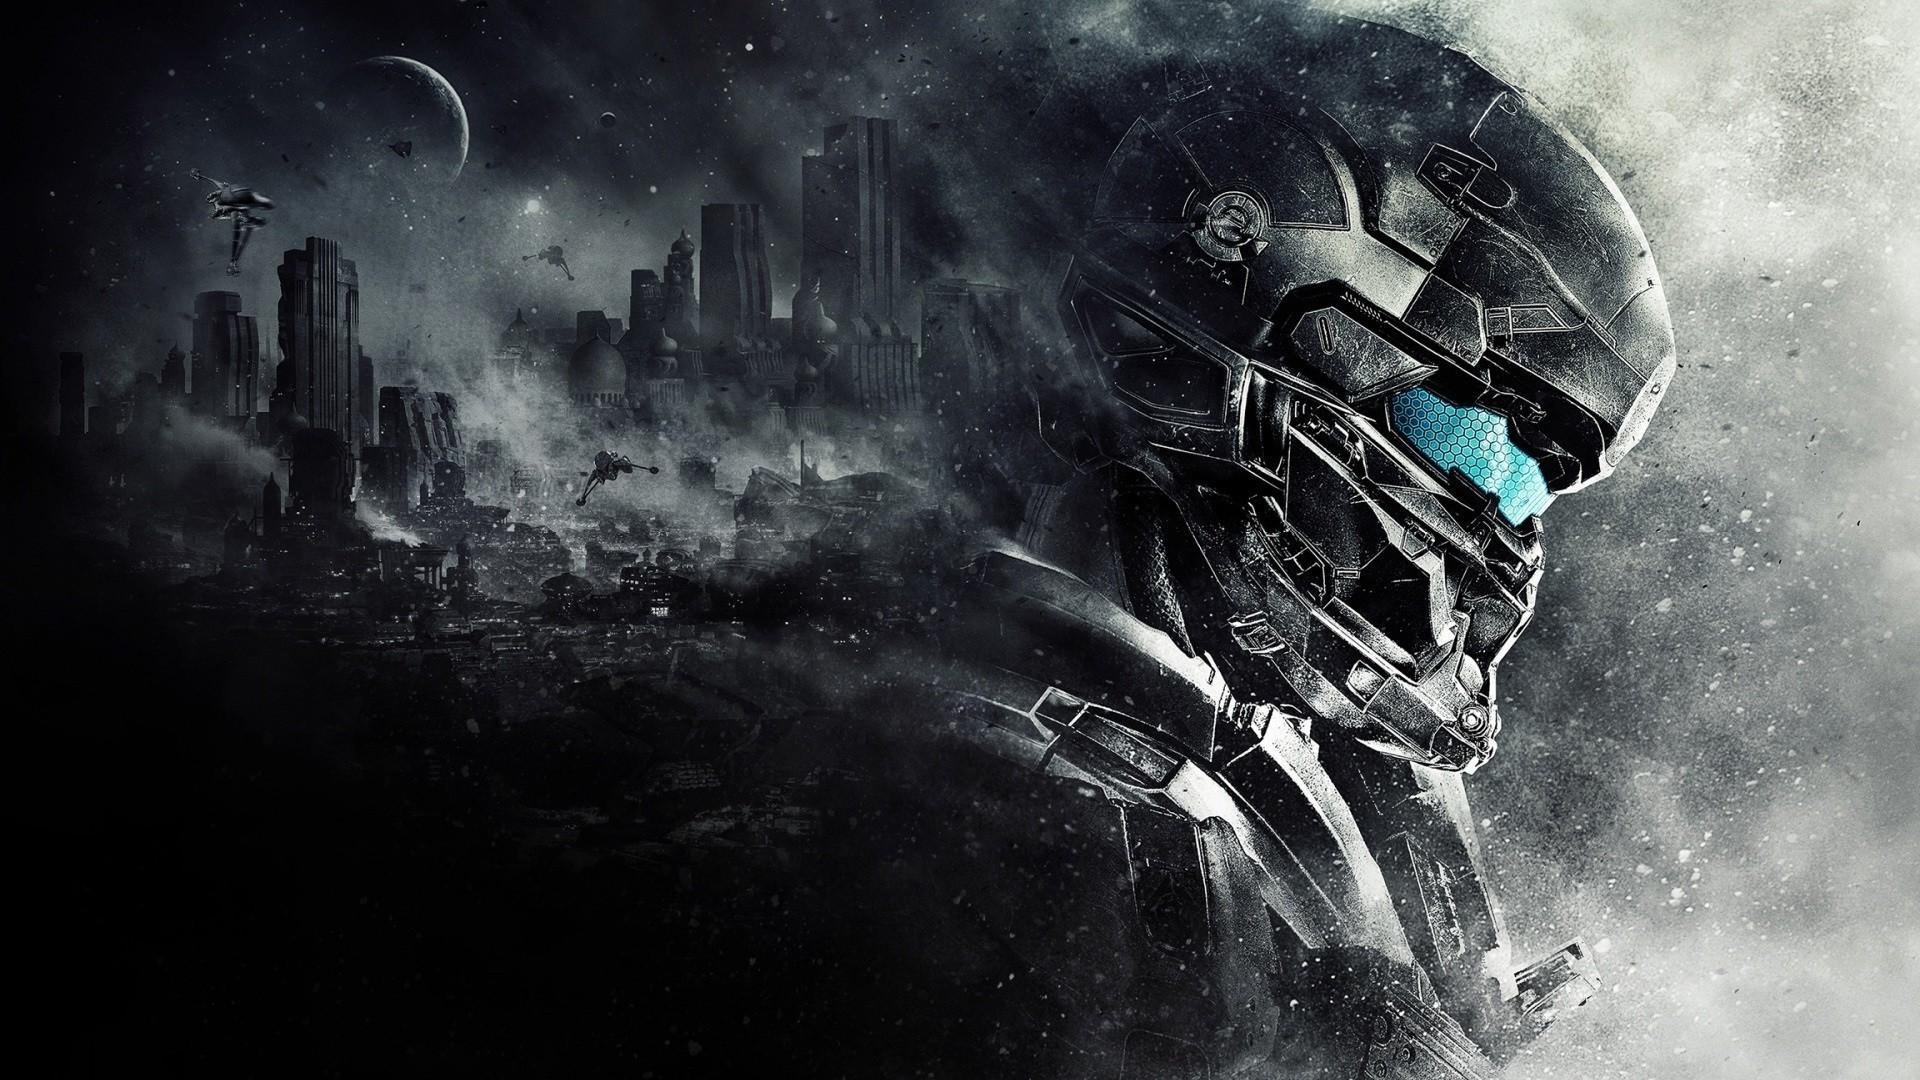 Wallpaper : 1920x1080 px, armor, concept art, Halo 5 ...